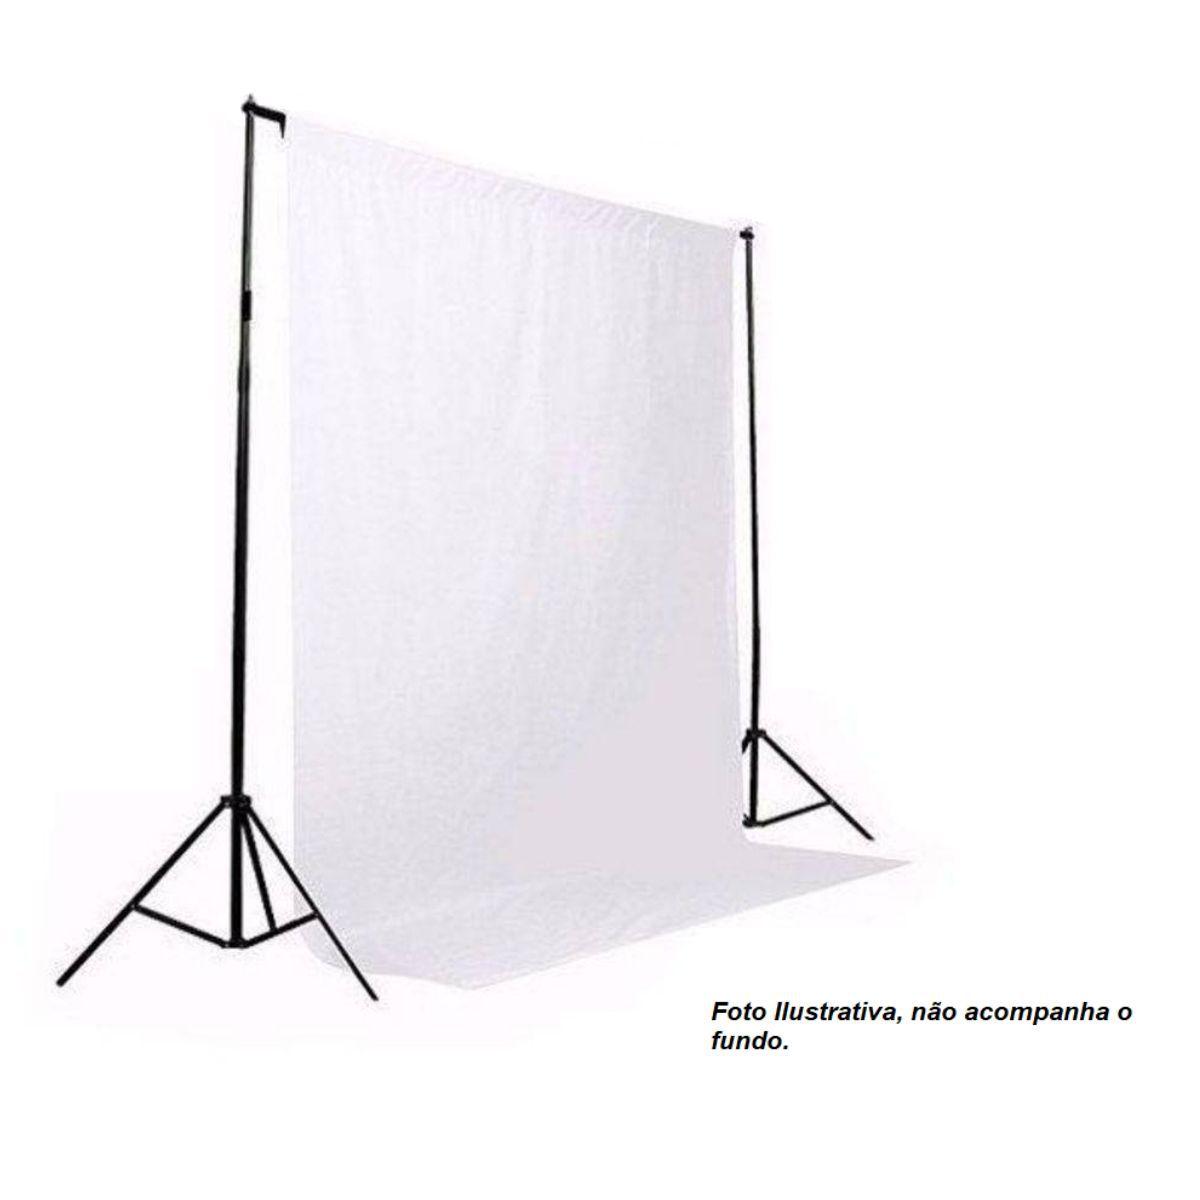 Suporte para Fundos de Estúdio Fotográfico Bj-14 com 2,9m Largura x 2,5m Altura e Bolsa de Transporte